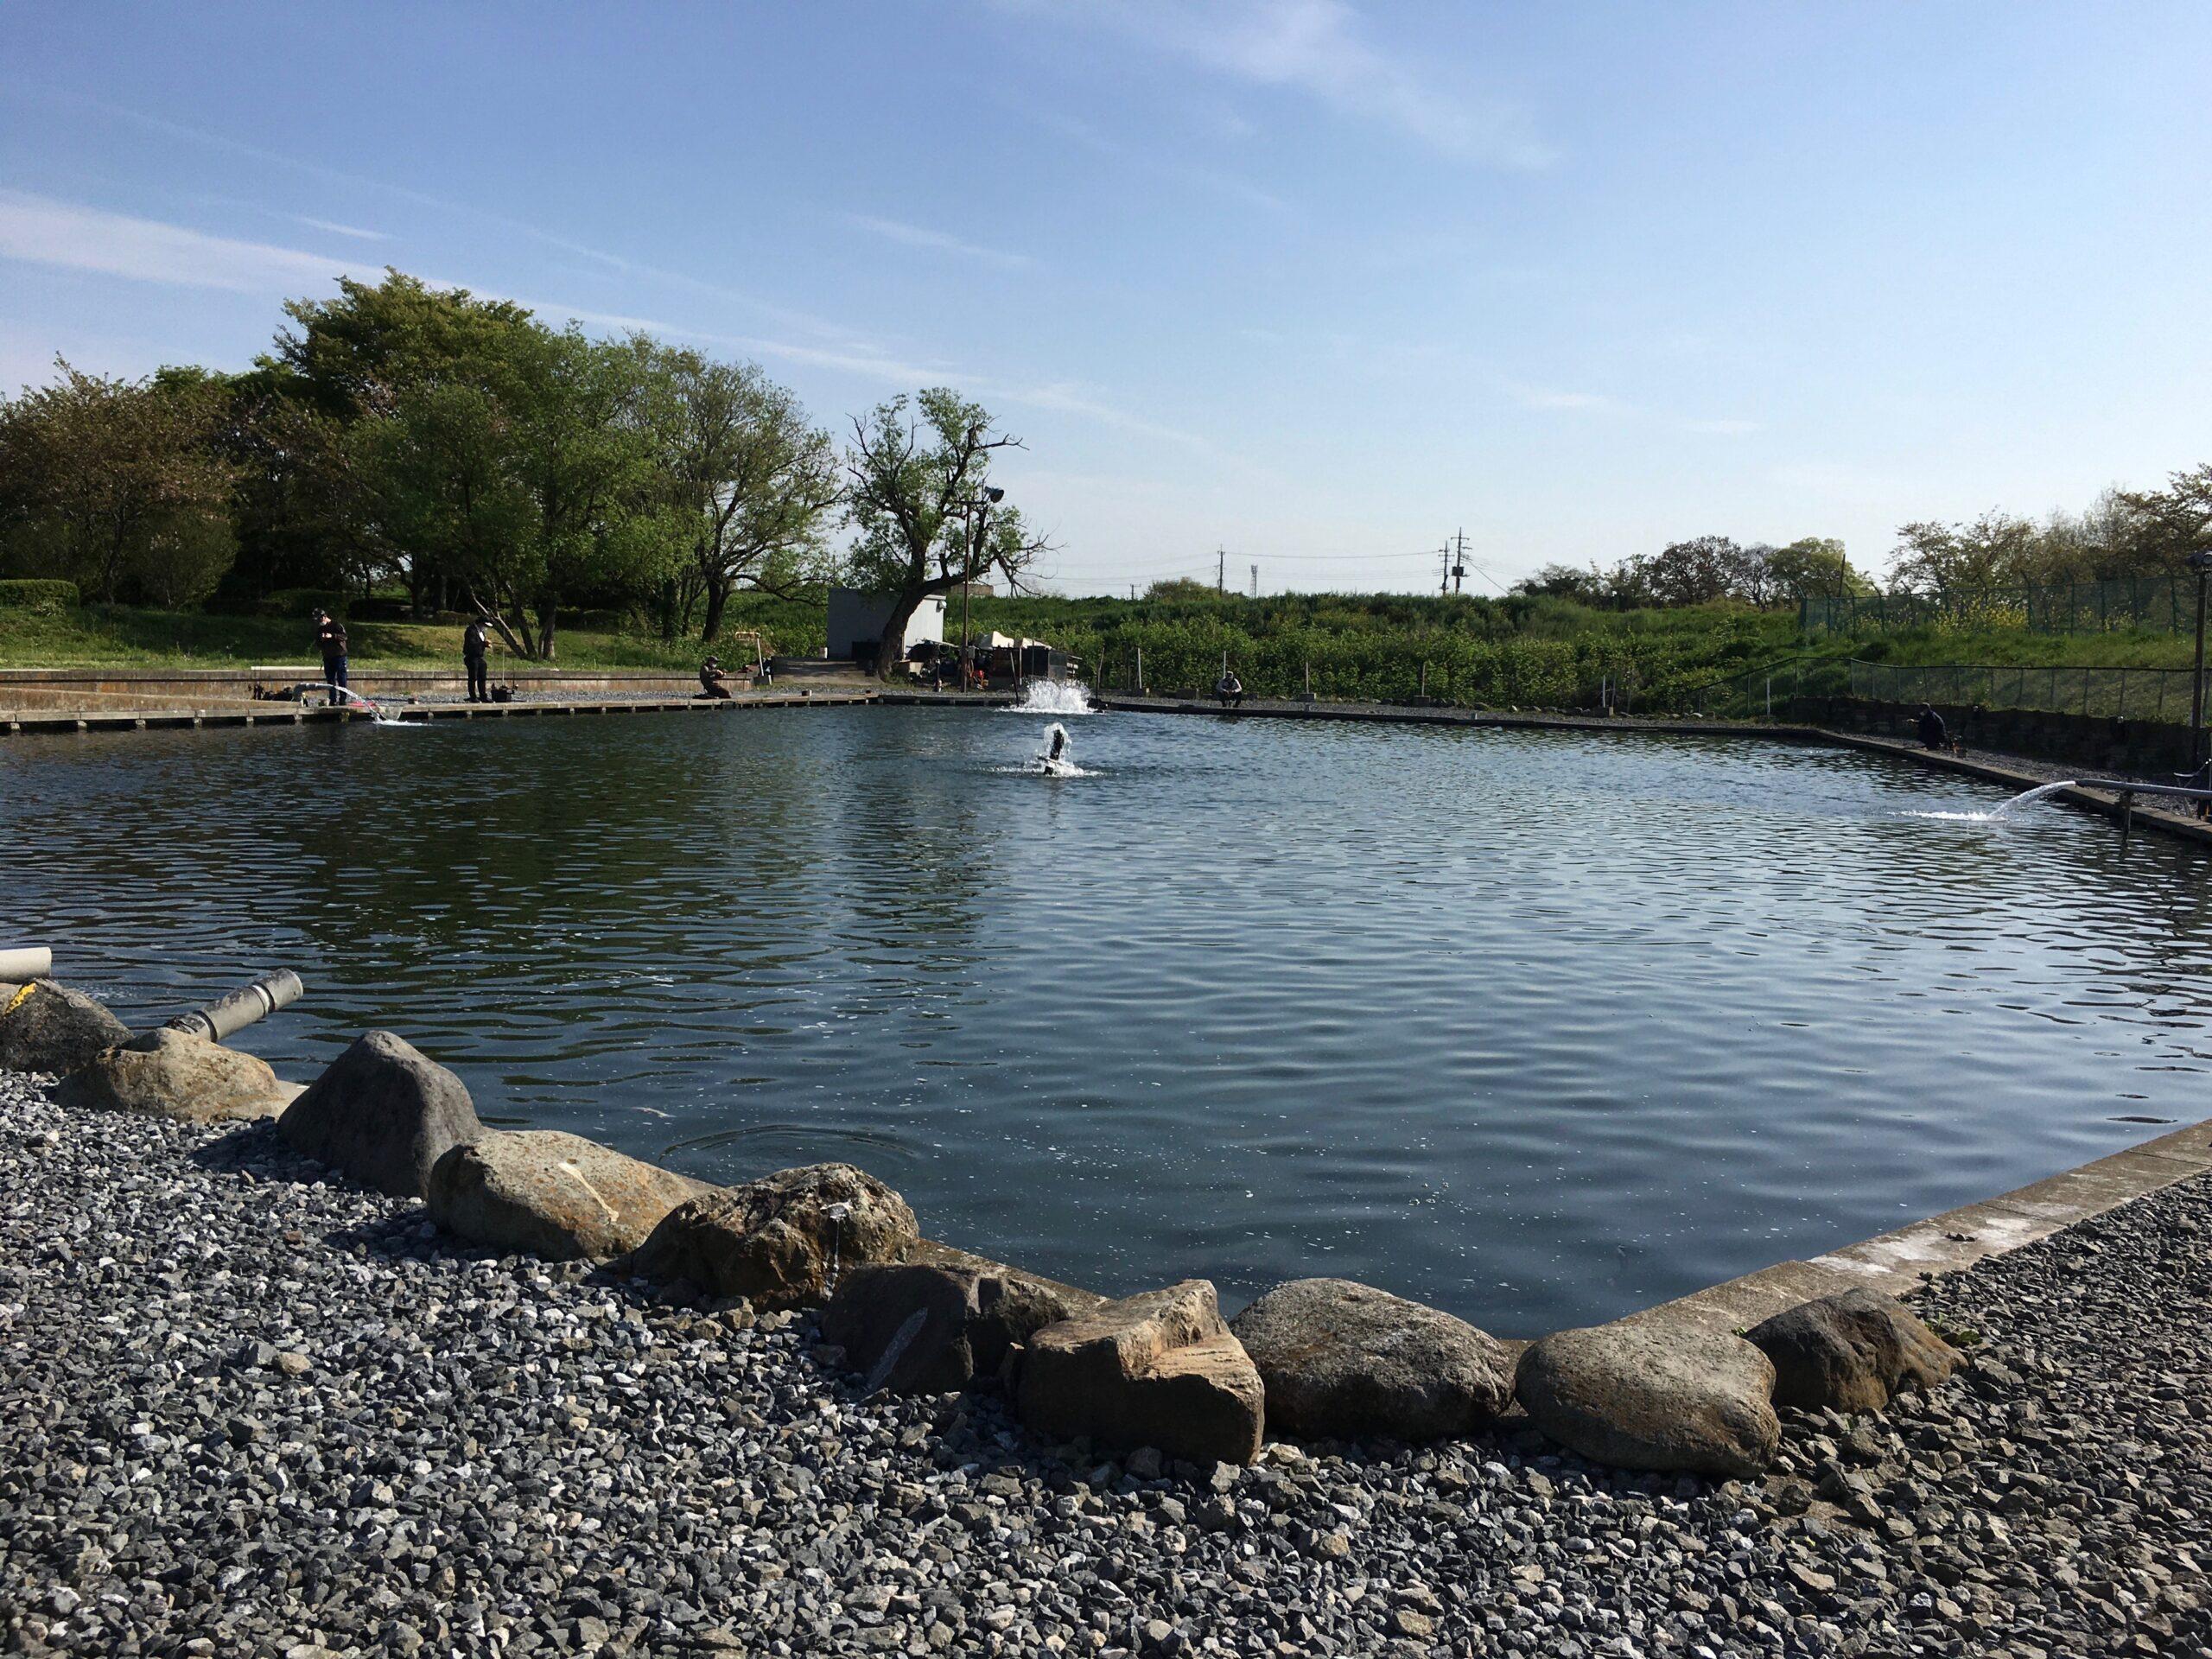 朝霞ガーデン大物サクラマス2号池ルアー池 貧乏釣り部 グリーン しもきん ユッケ ポテポテ 縦釣り インバイト ネオスタイル ロデオクラフト ダイソー スプーン 東大 難しい